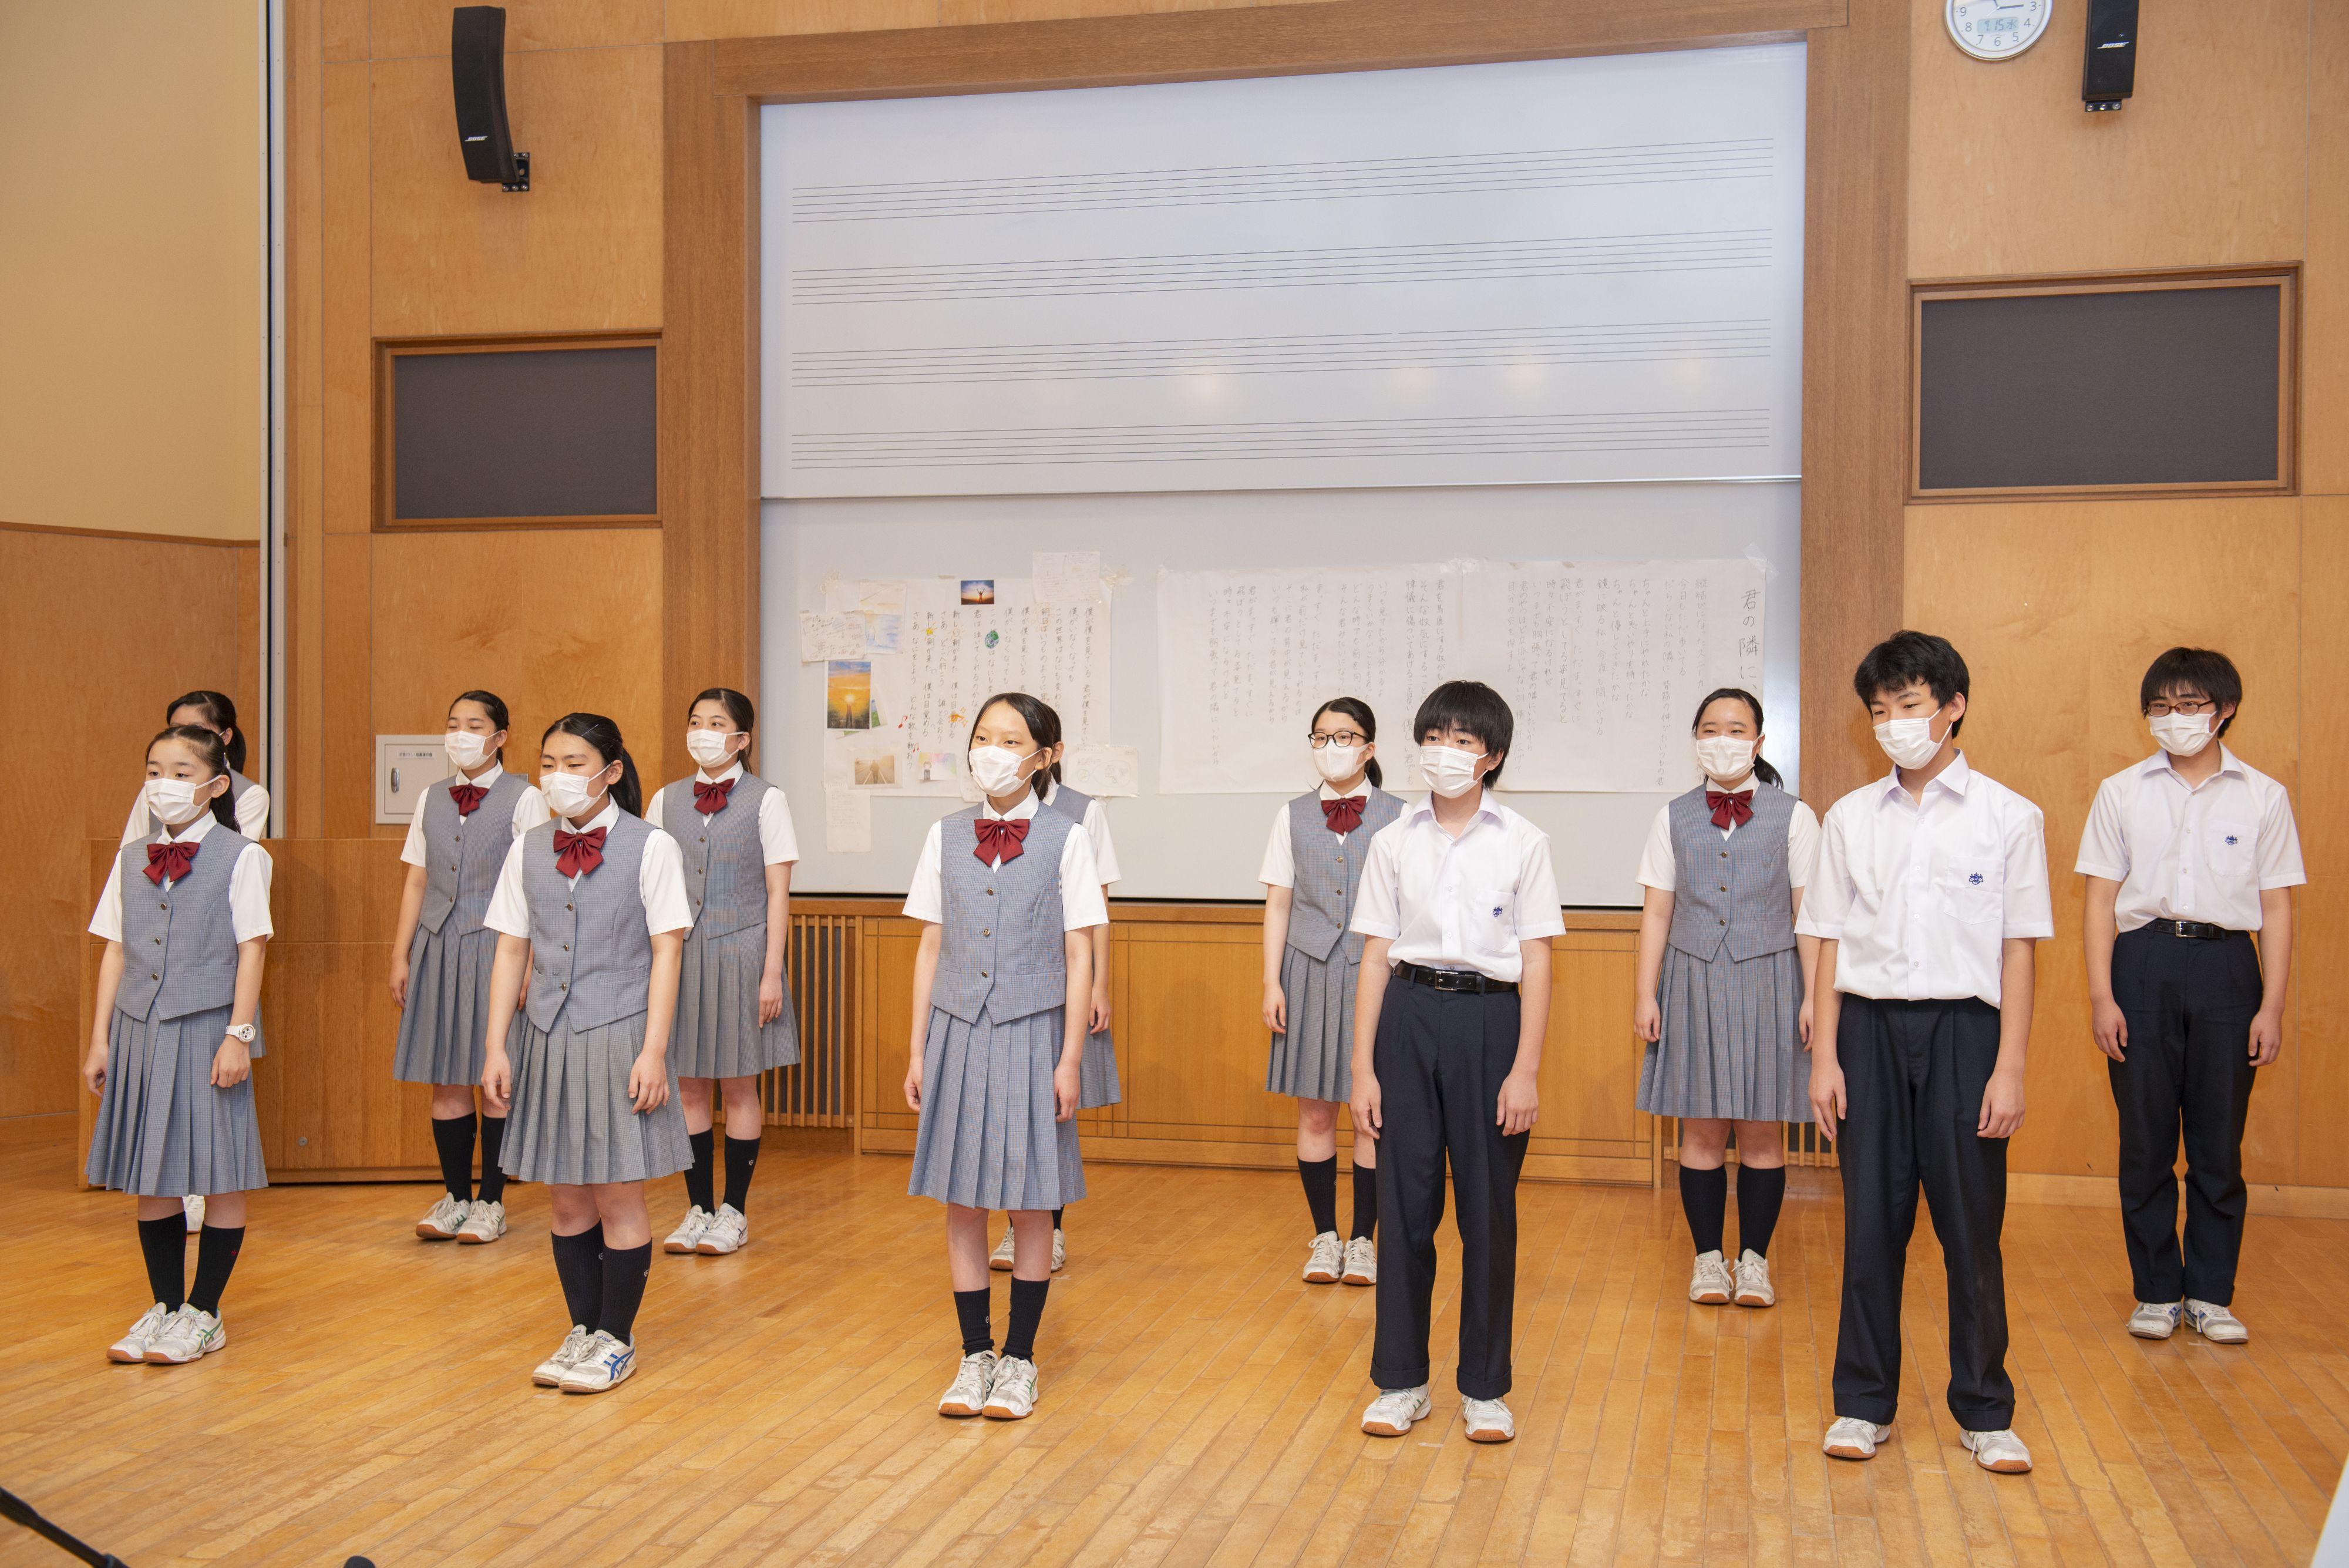 桐光学園合唱部の合唱映像収録の模様